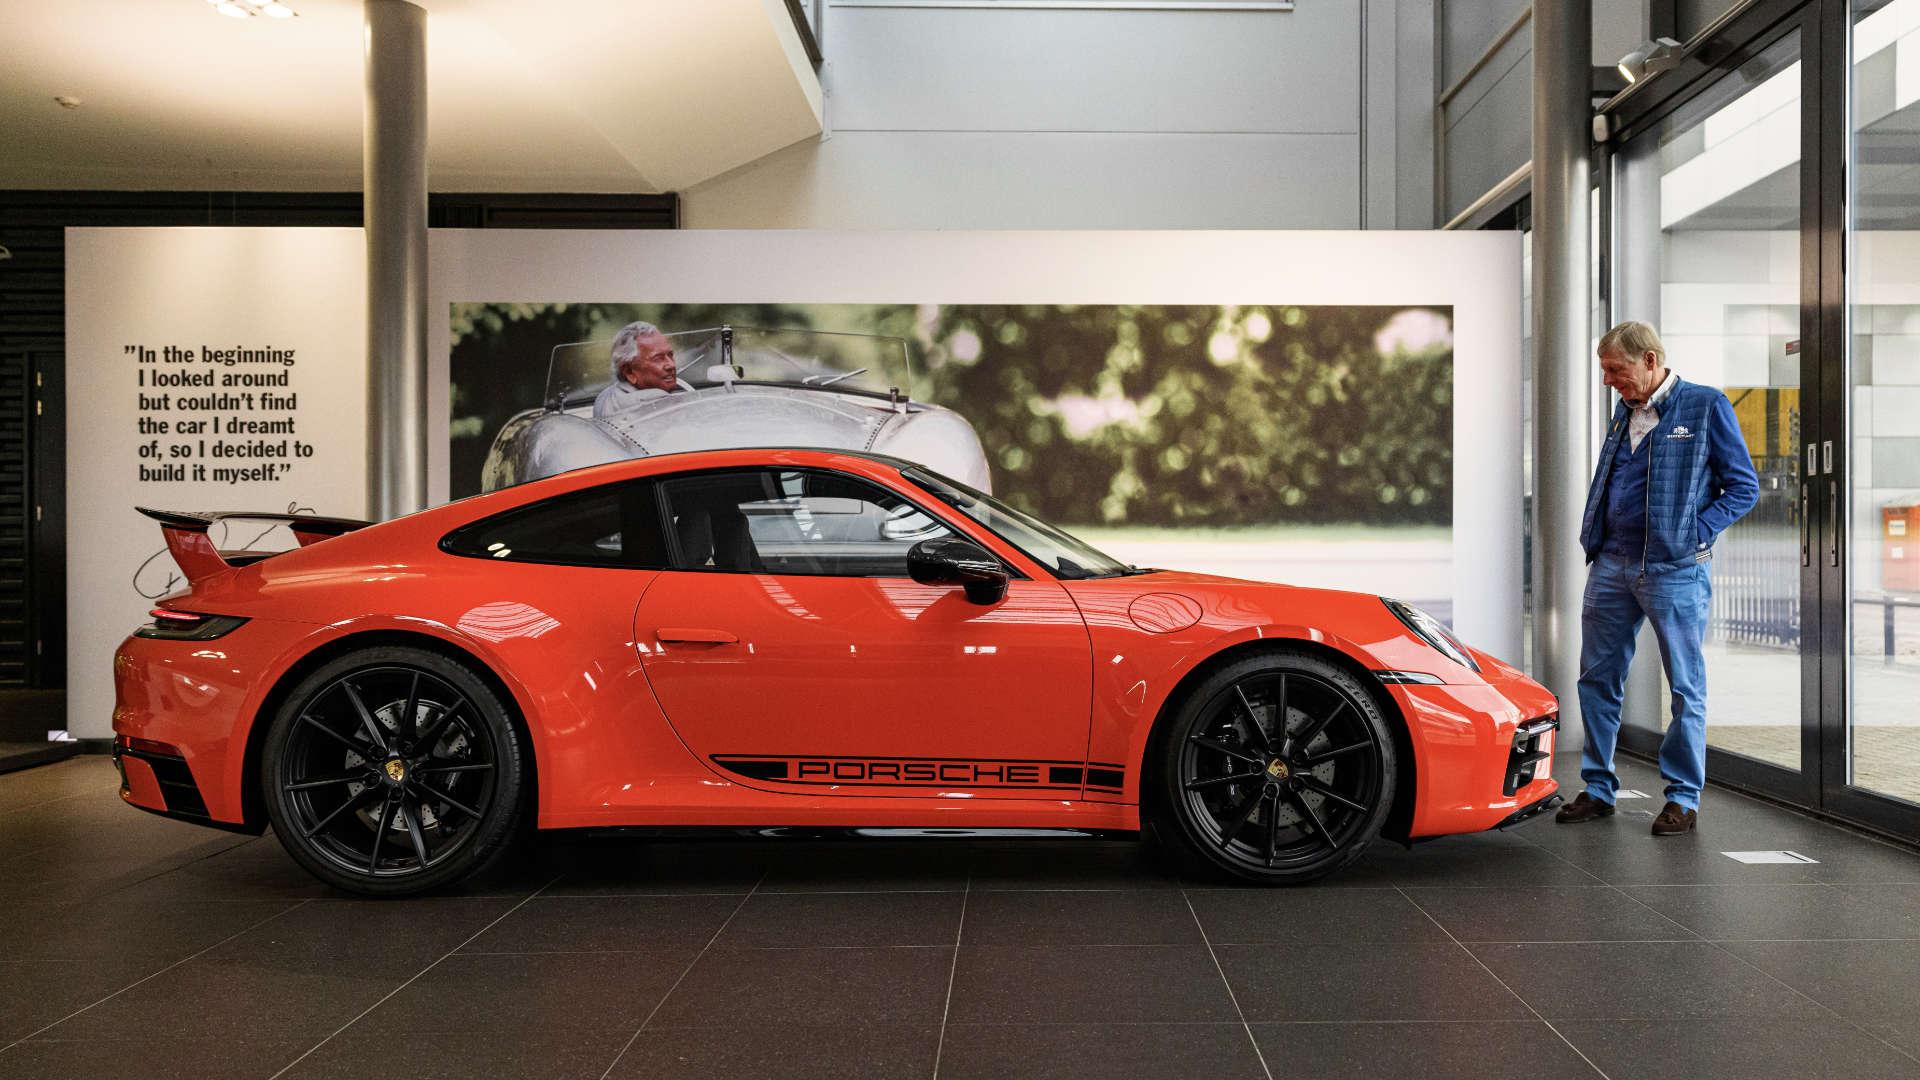 Porsche 911 Gijs van Lennep